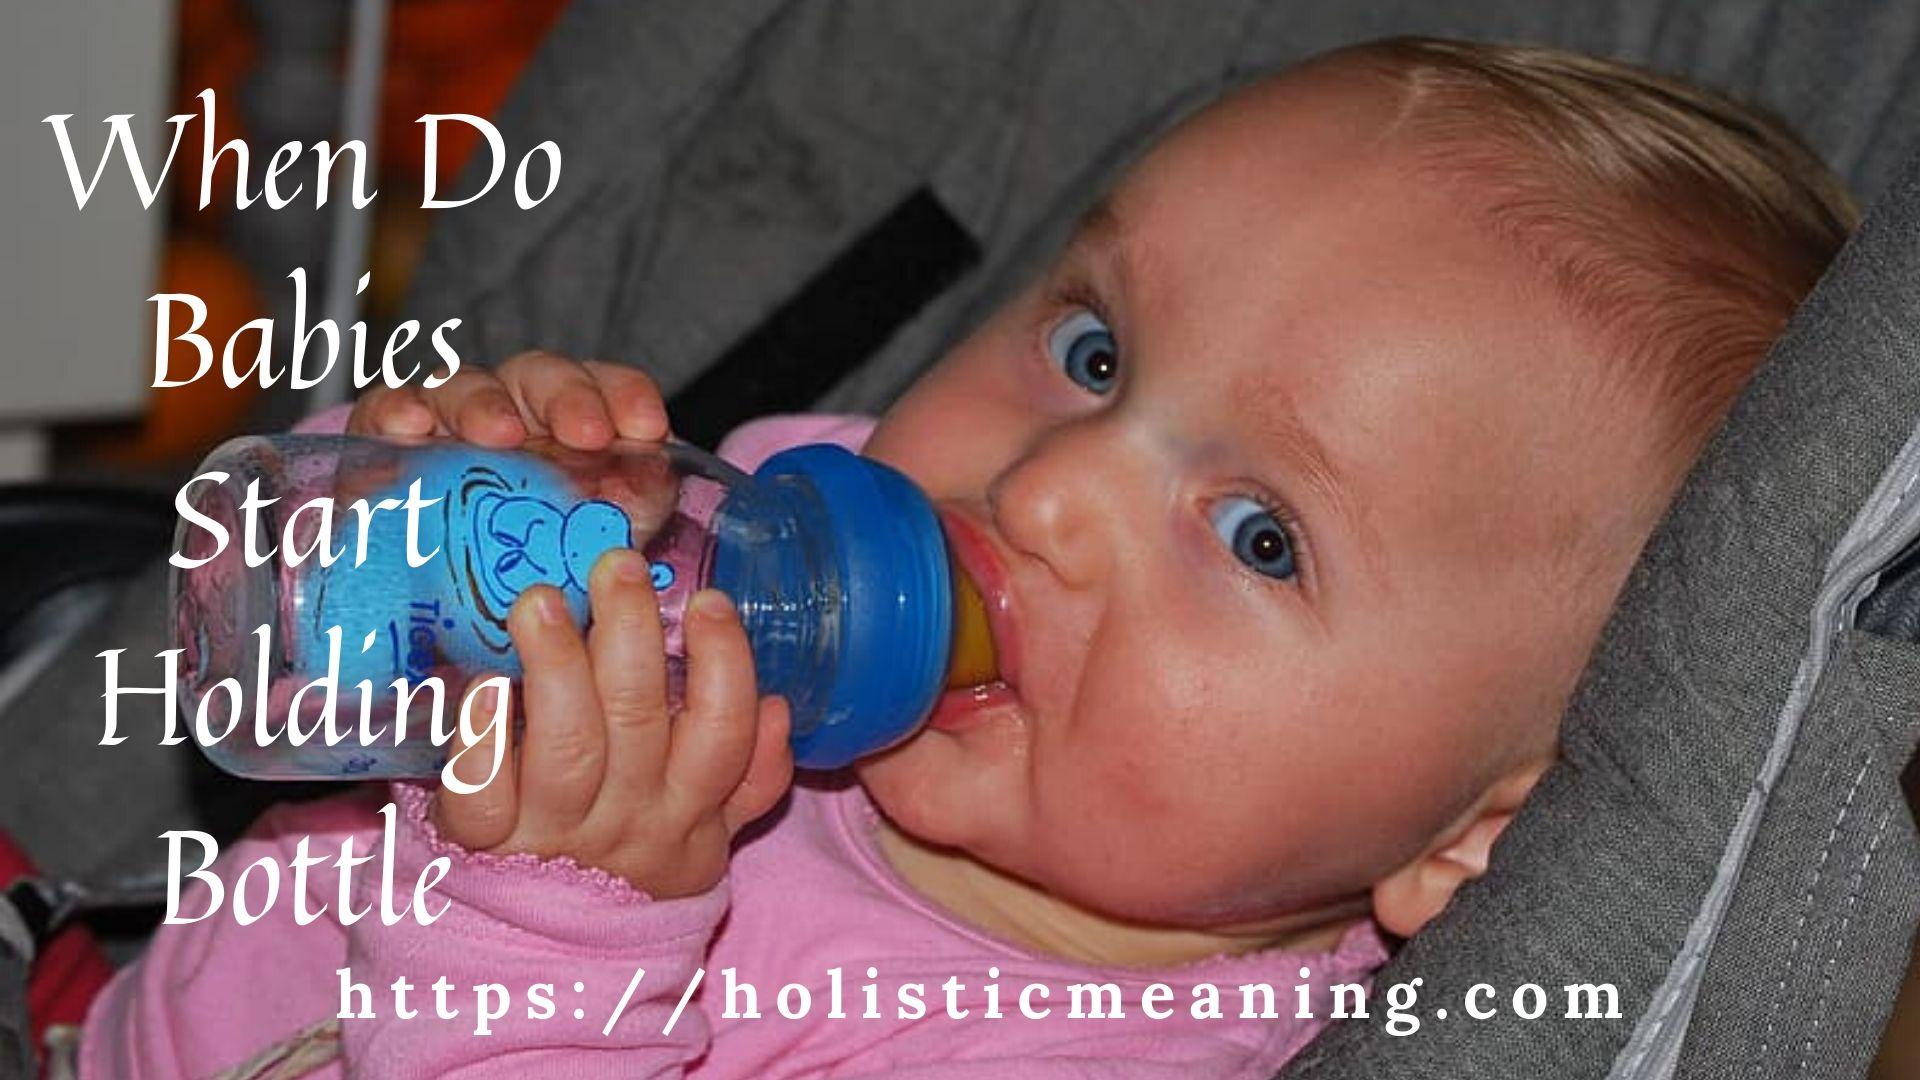 When Do Babies Start Holding Bottle